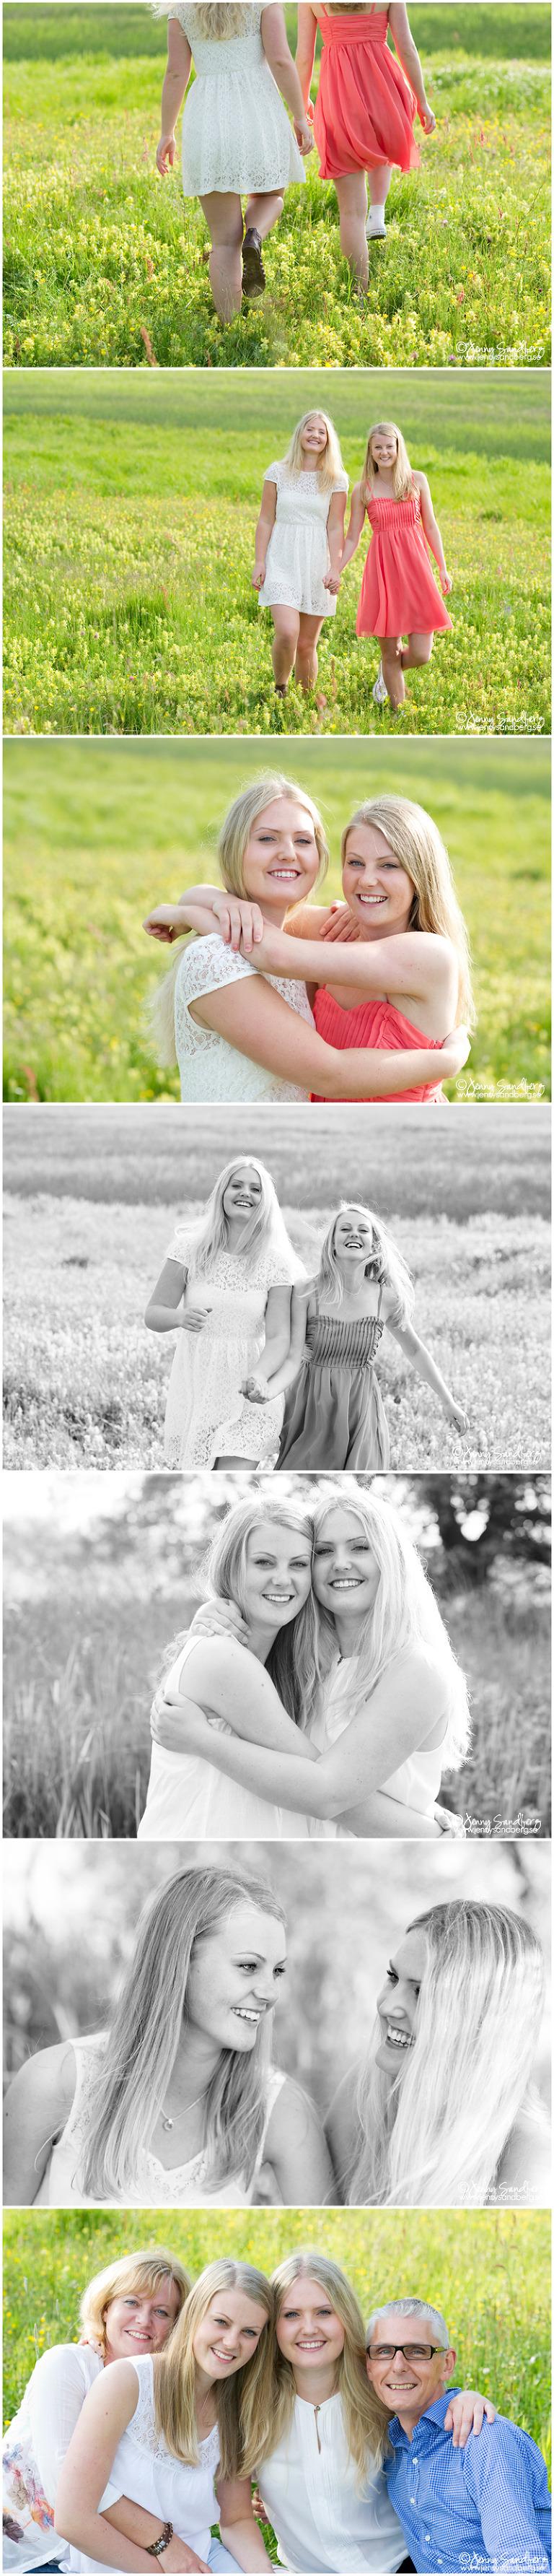 familjefotografering bjärred, familjefotografering lund